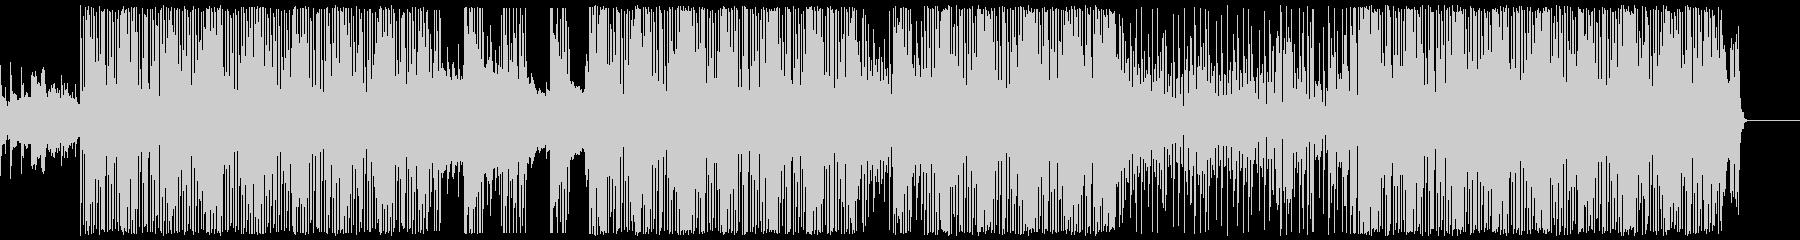 フワッと軽やかなエレクトロポップの未再生の波形